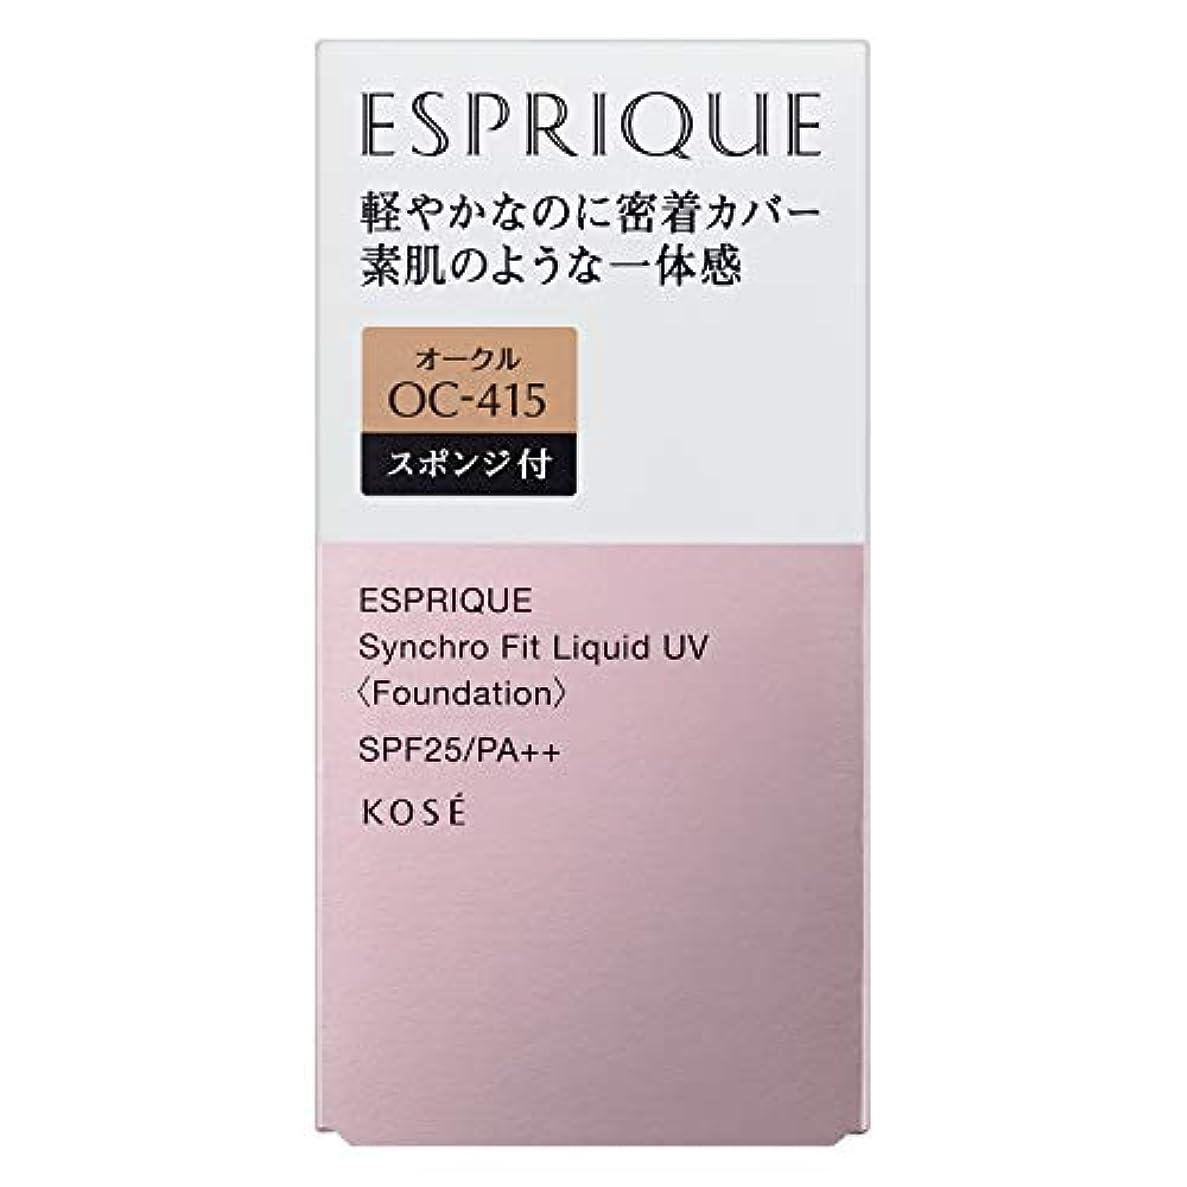 小数以下再びESPRIQUE(エスプリーク) エスプリーク シンクロフィット リキッド UV ファンデーション 無香料 OC-415 オークル 30g